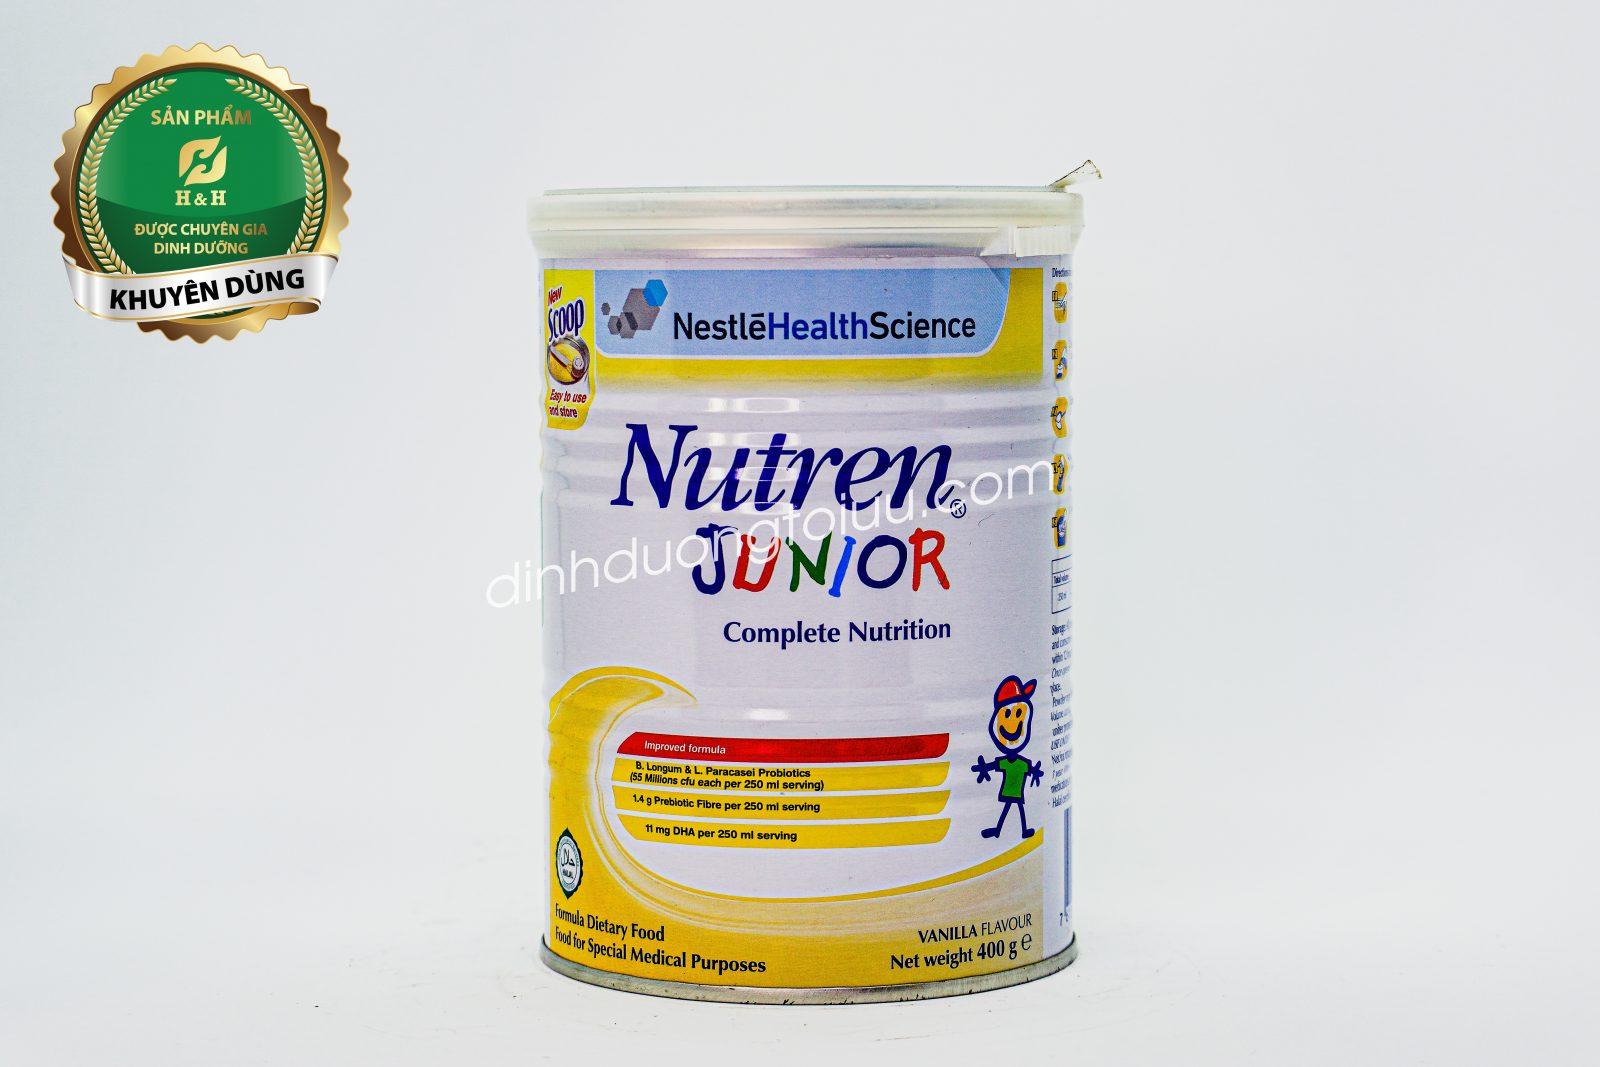 Sữa Nutren Junior Nestlé Thụy Sĩ 400g dành cho trẻ từ 1-10 tuổi